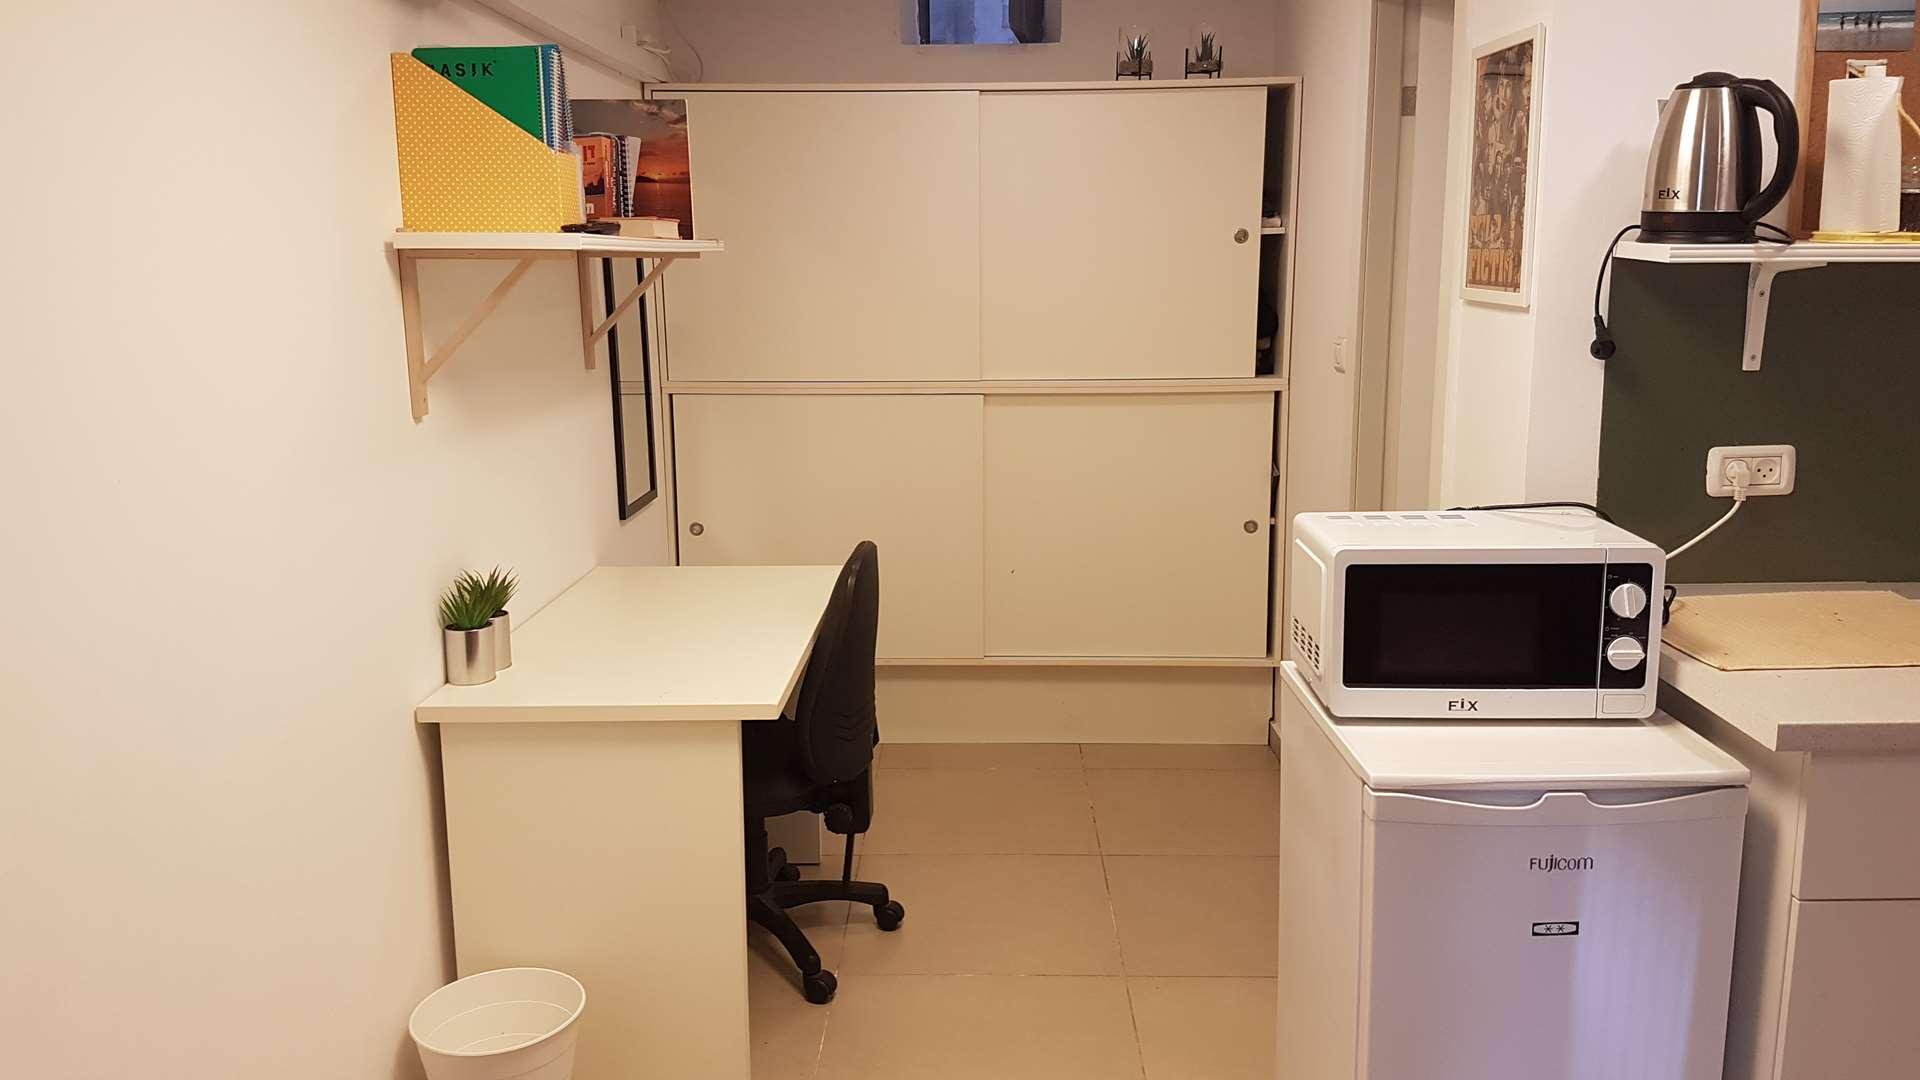 דירה להשכרה 1 חדרים בחיפה פליק